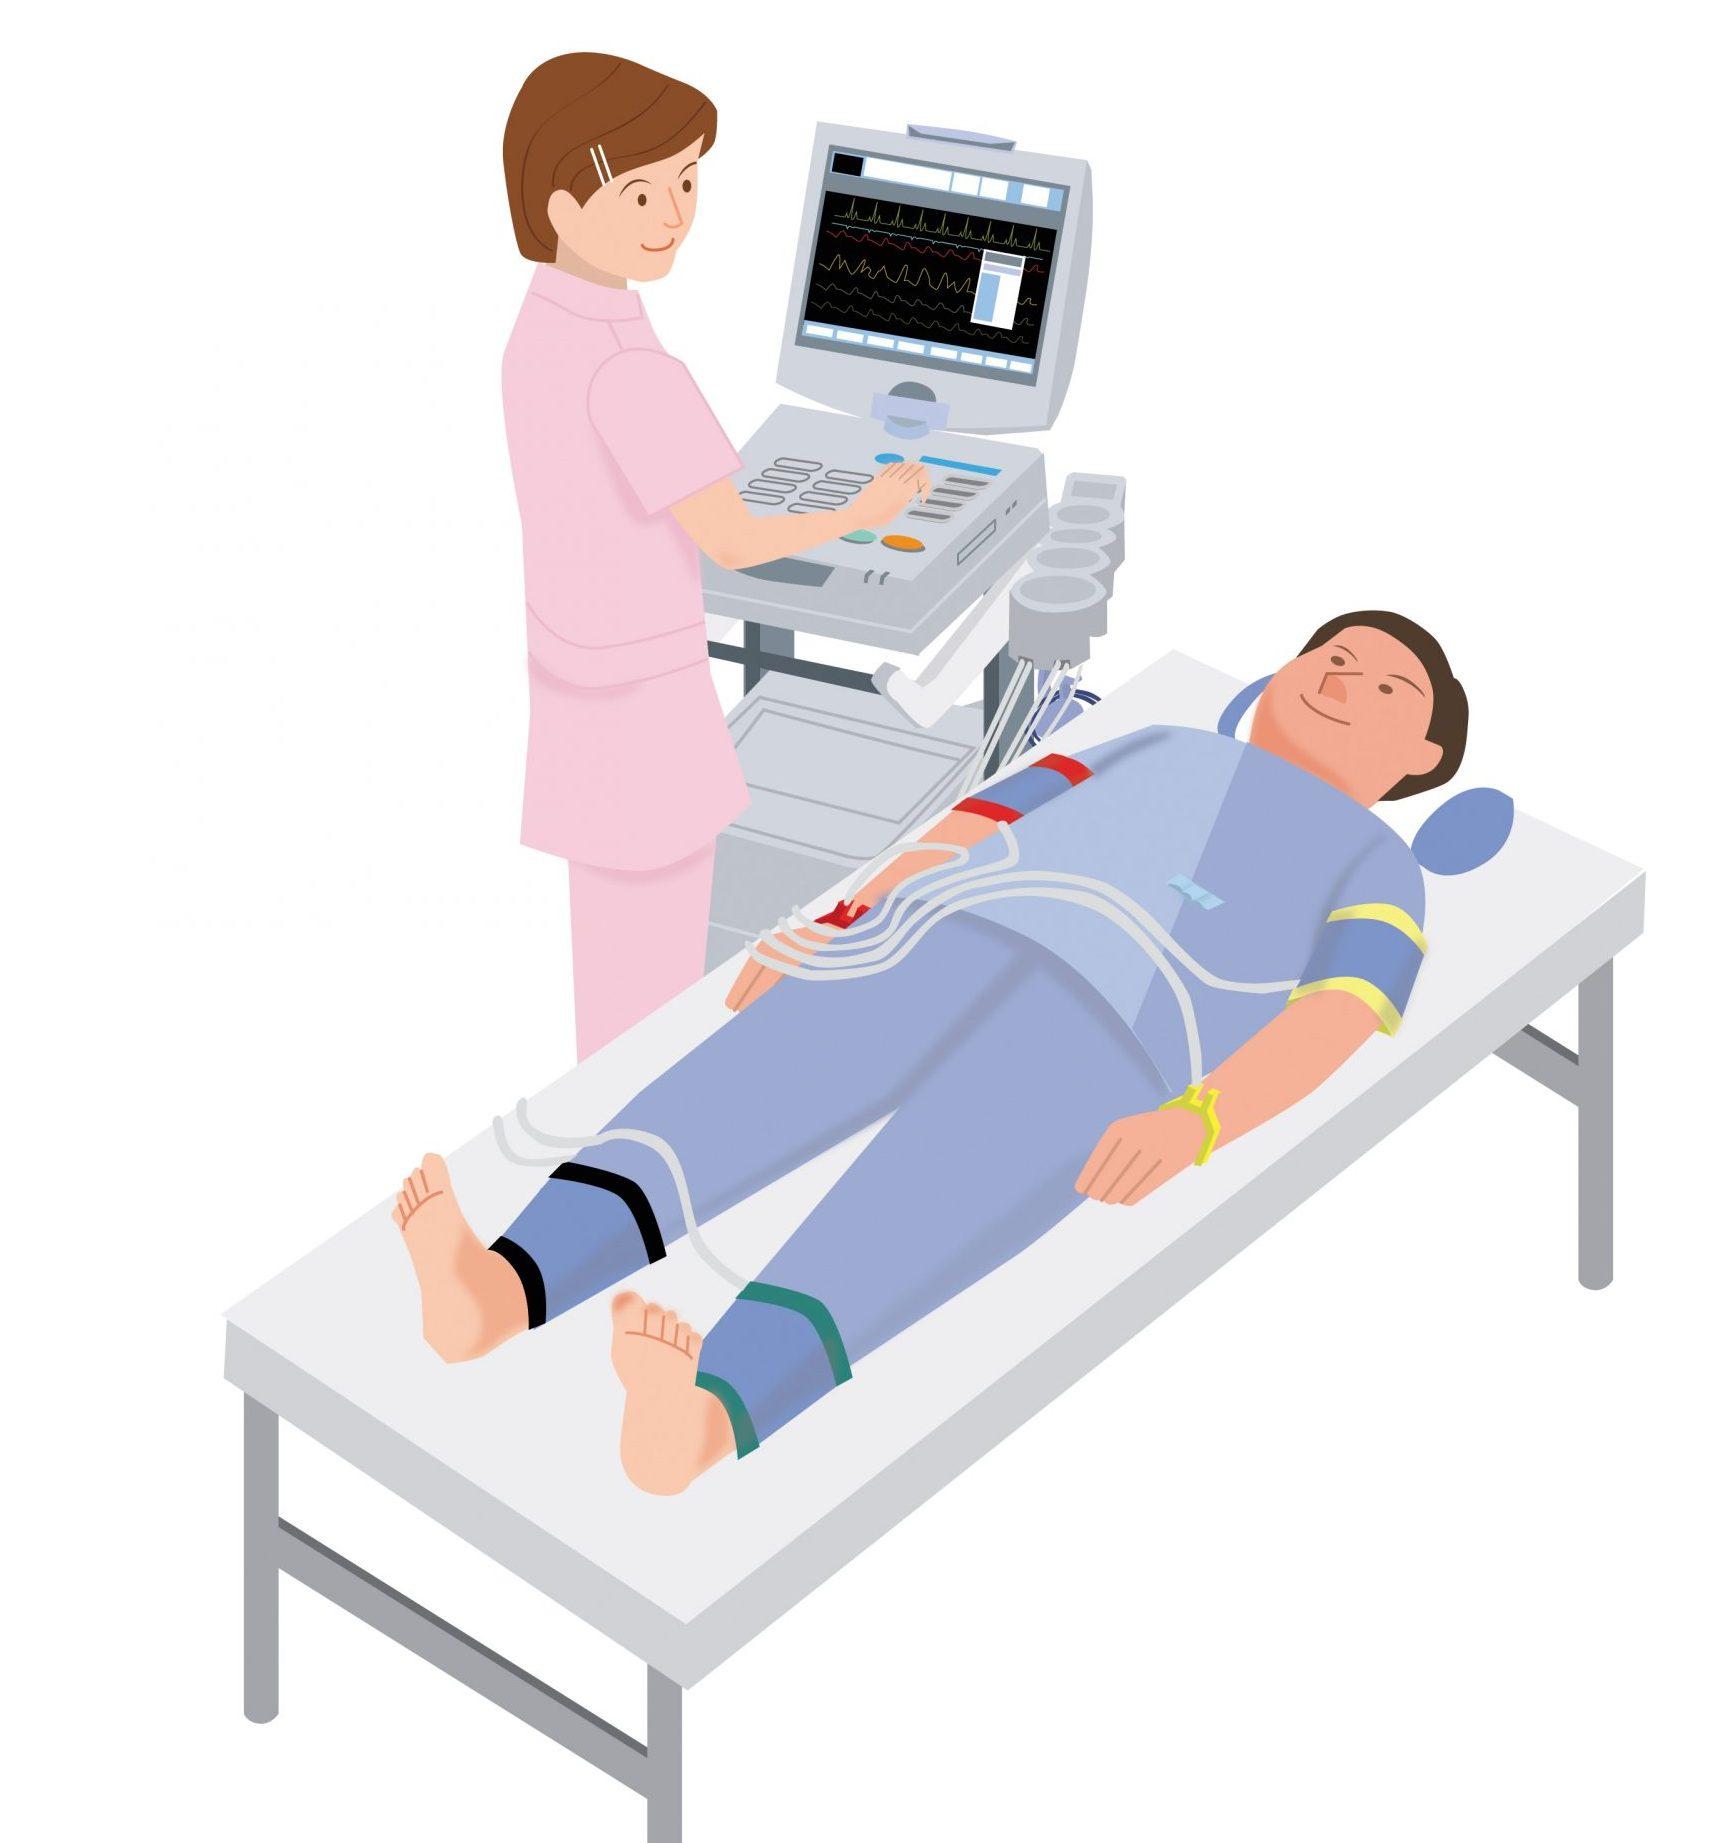 動脈硬化の検査|仙台市泉区の泉大沢ファミリークリニック